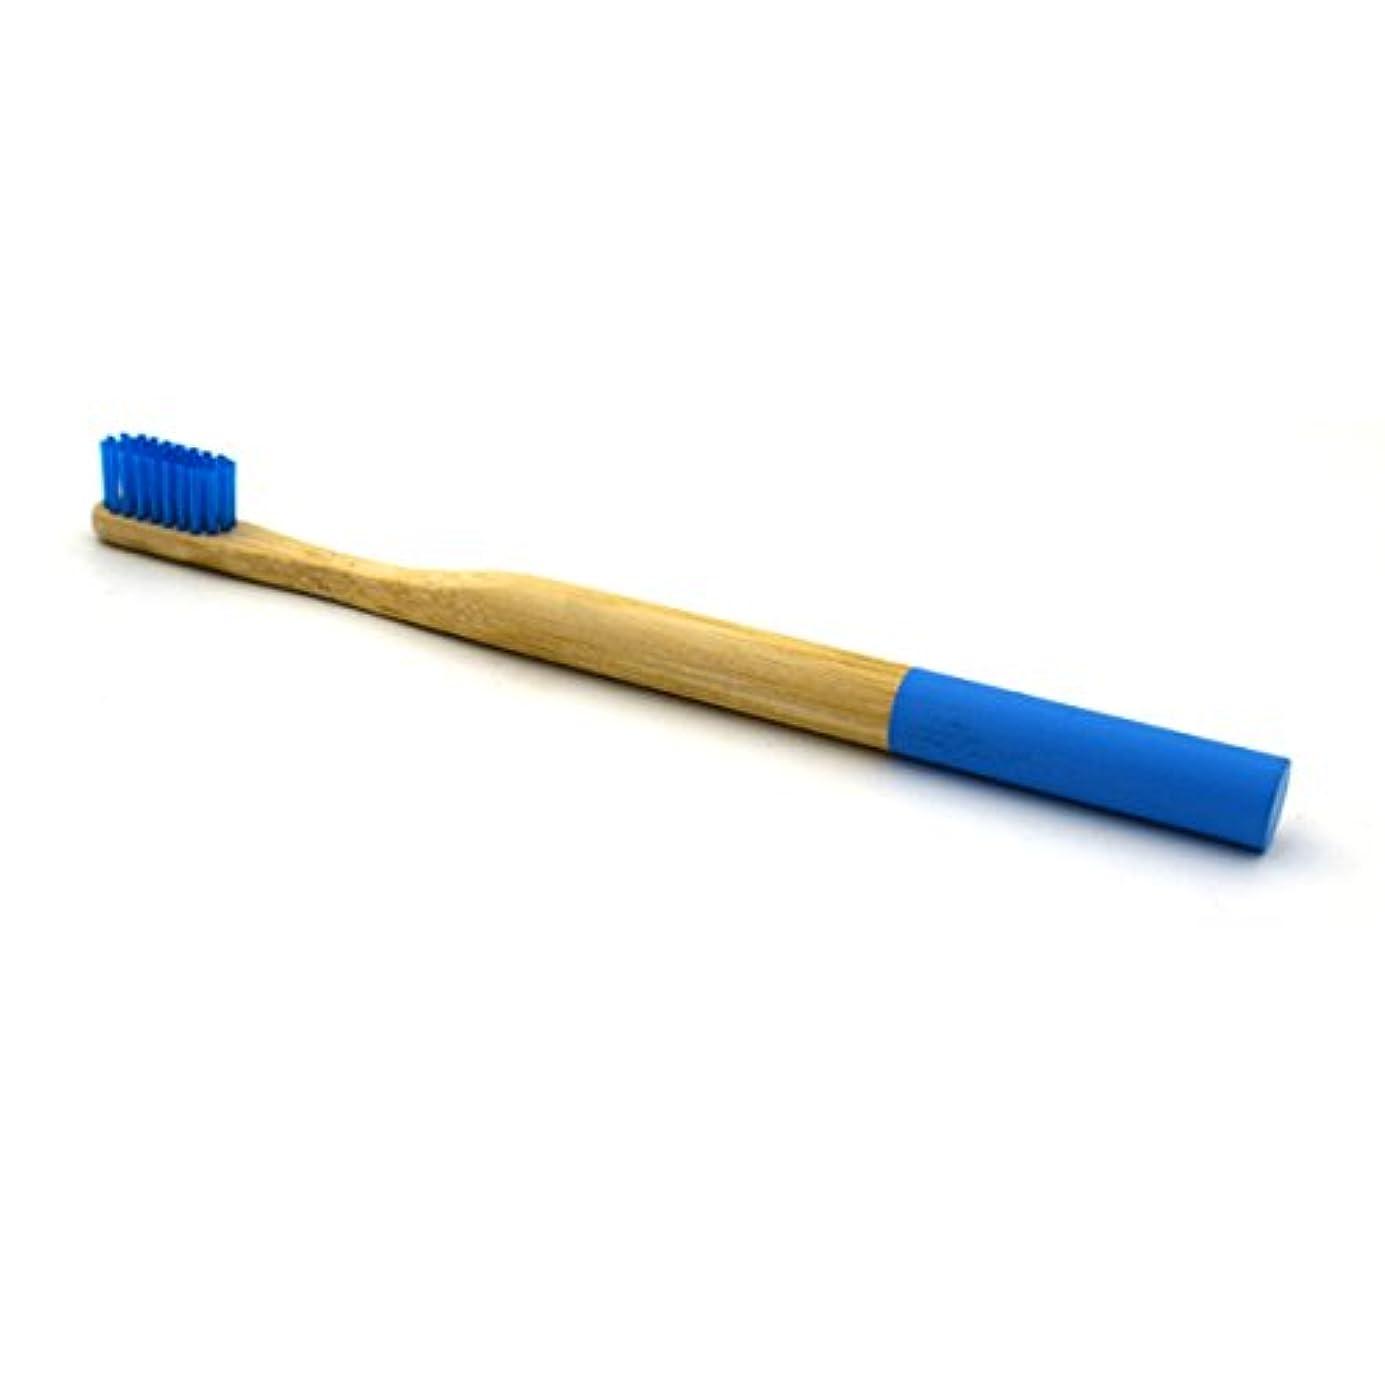 ウィスキー近々グリットHEALLILY竹製の歯ブラシ天然木炭竹製の歯ブラシ大人用柔らかい剛毛の歯ブラシ(ブルー)